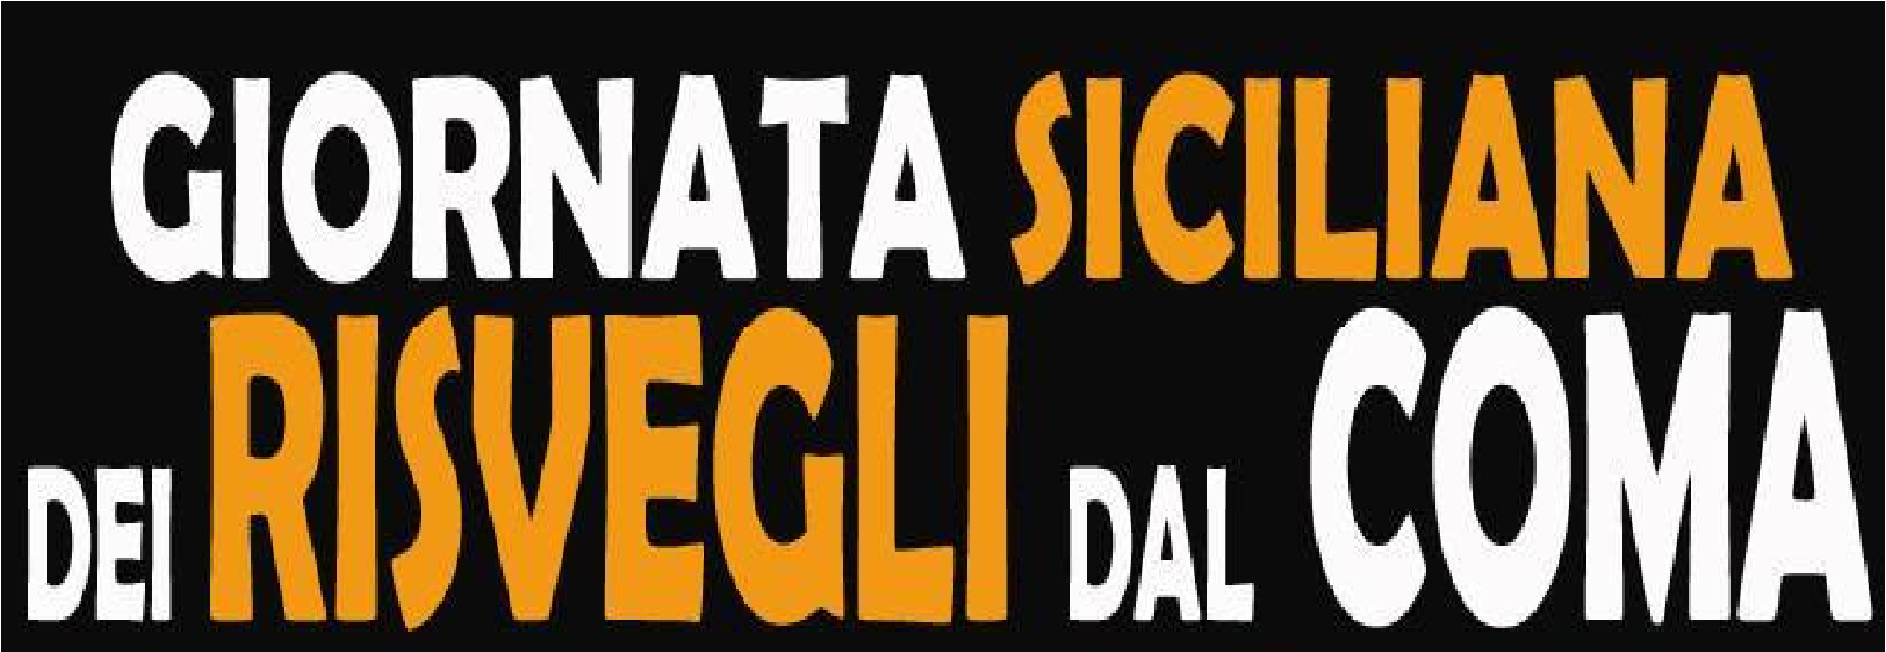 GIORNATA SICILIANA RISVE